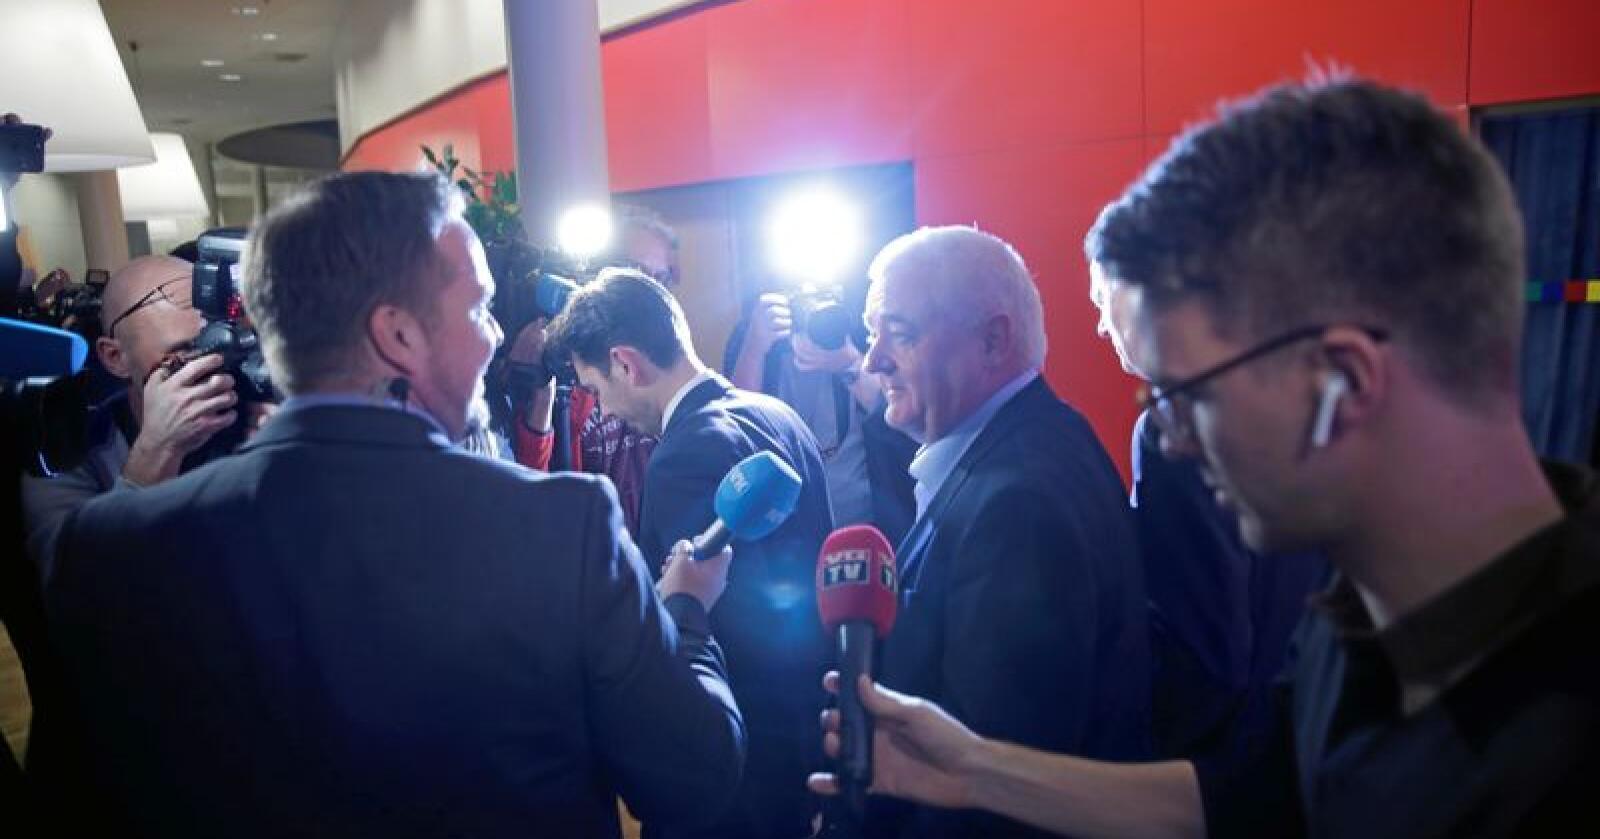 Spiondømt: Frode Berg traff tirsdag norsk presse for første gang etter at han ble benådet av russiske myndigheter. Foto: Stian Lysberg Solum/NTB scanpix